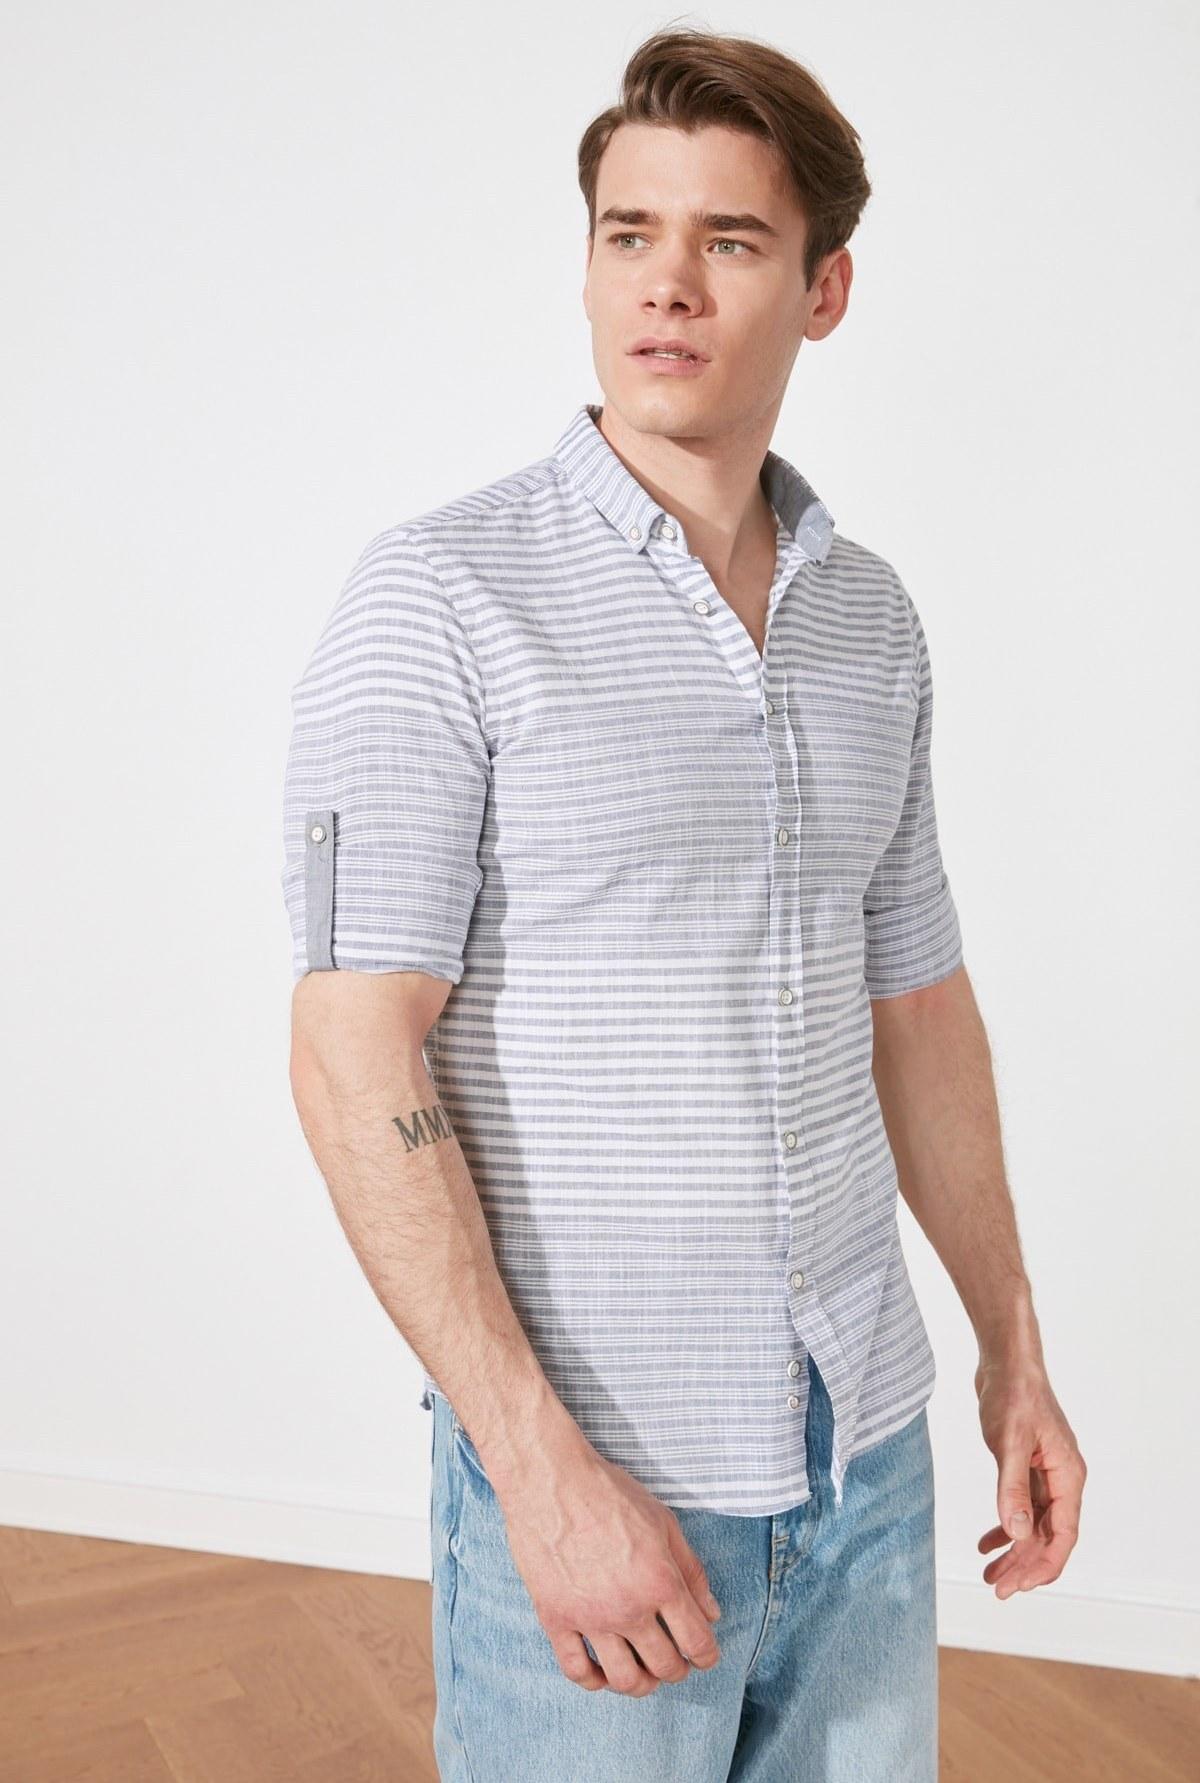 تصویر پیراهن اسلیم فیت مردانه یقه سرشونه دار راهراه دکمه برند TRENDYOL MAN کد 1616675014